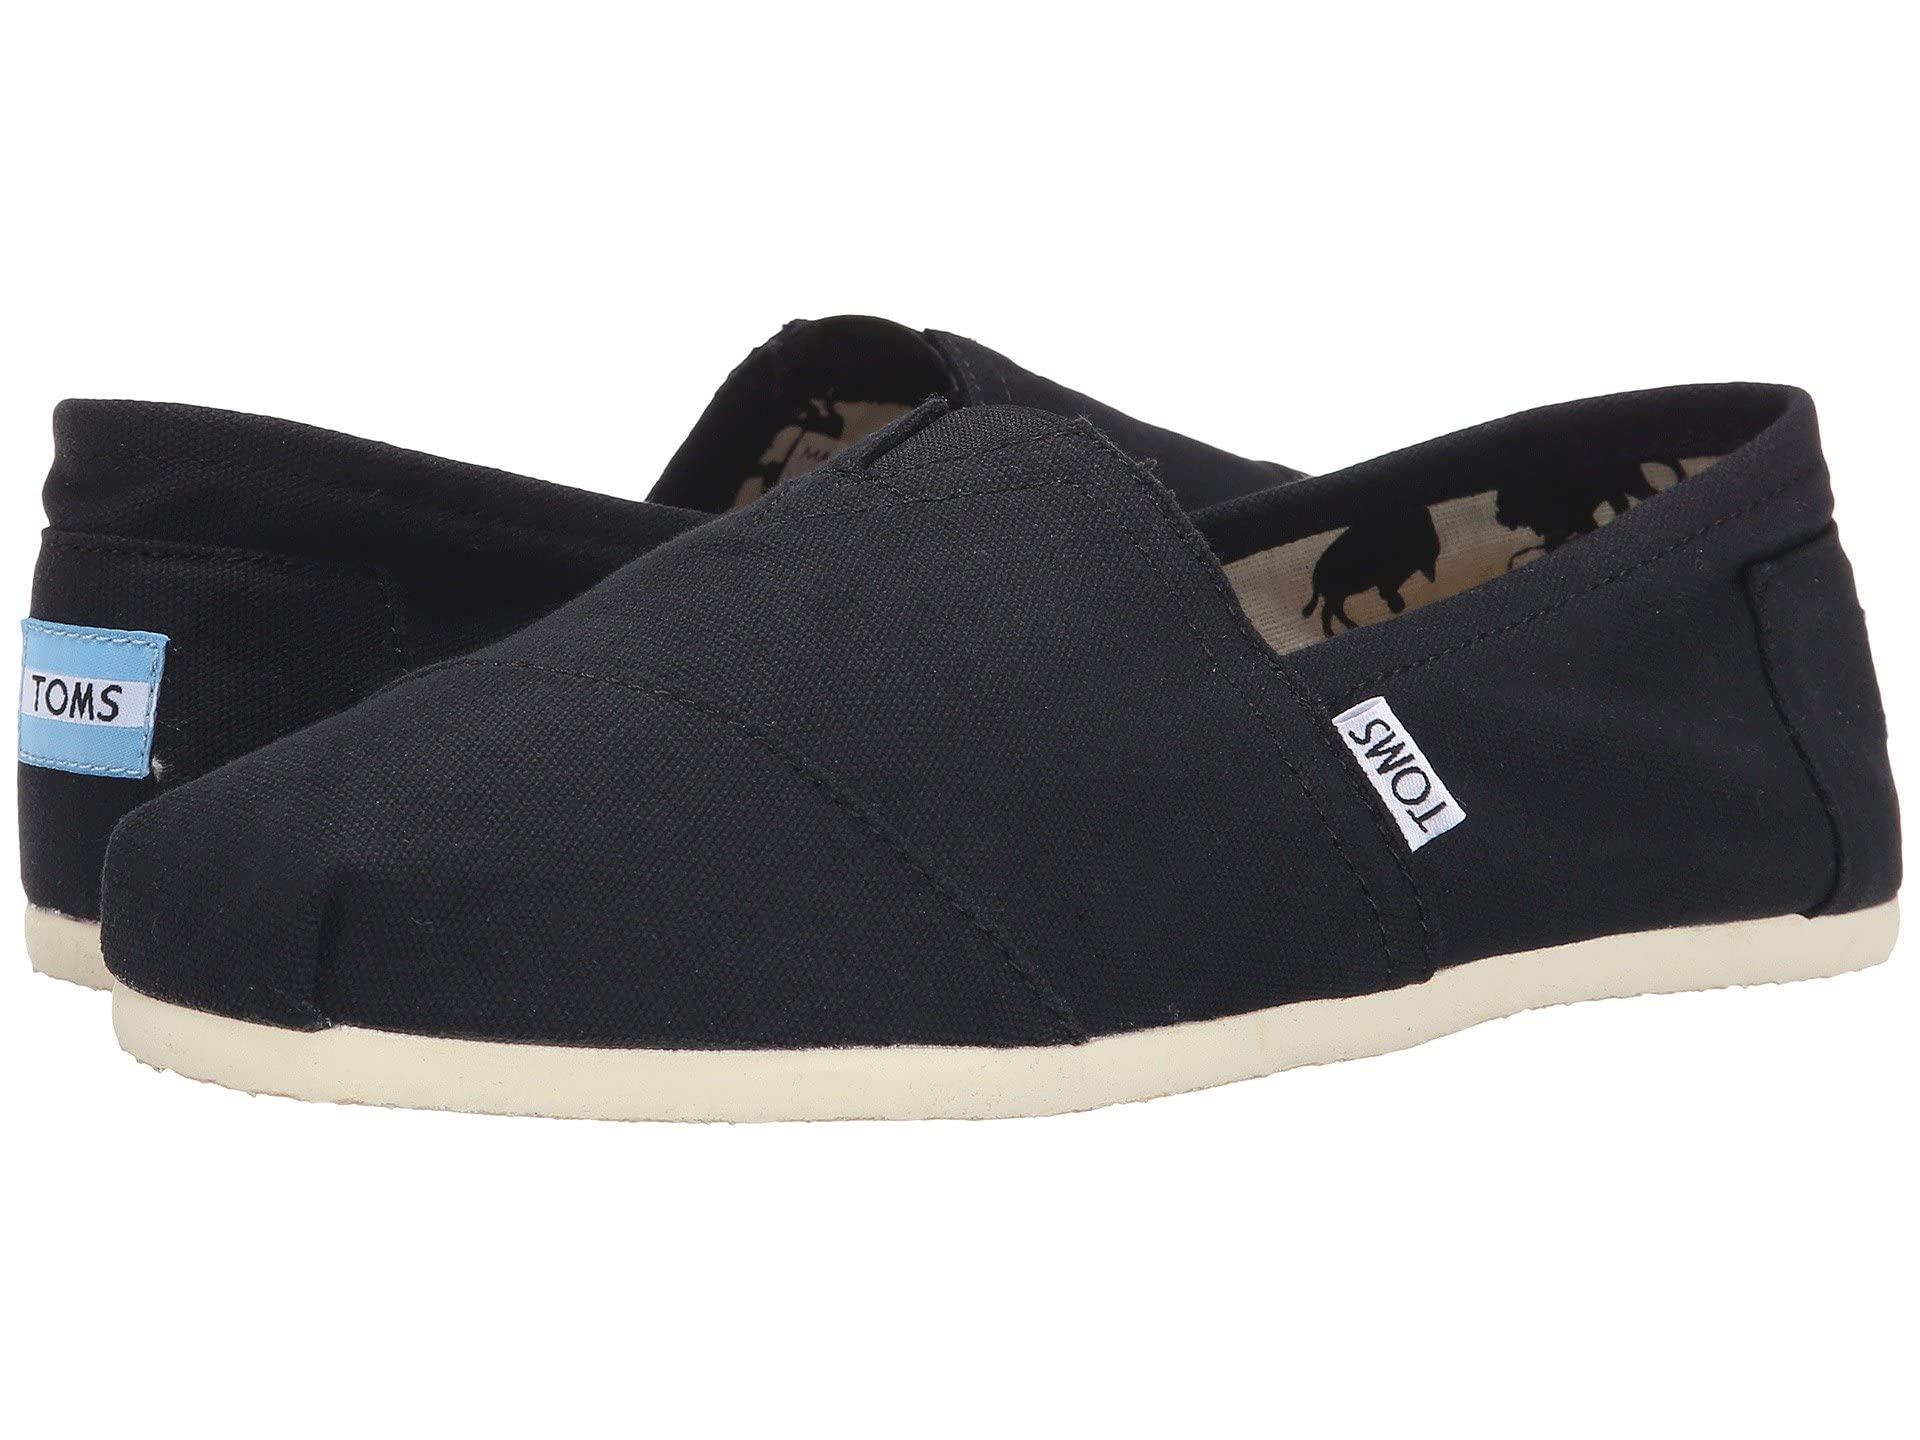 thumbnail 10 - TOMS Women's Classic Alpargata Slip On Shoes